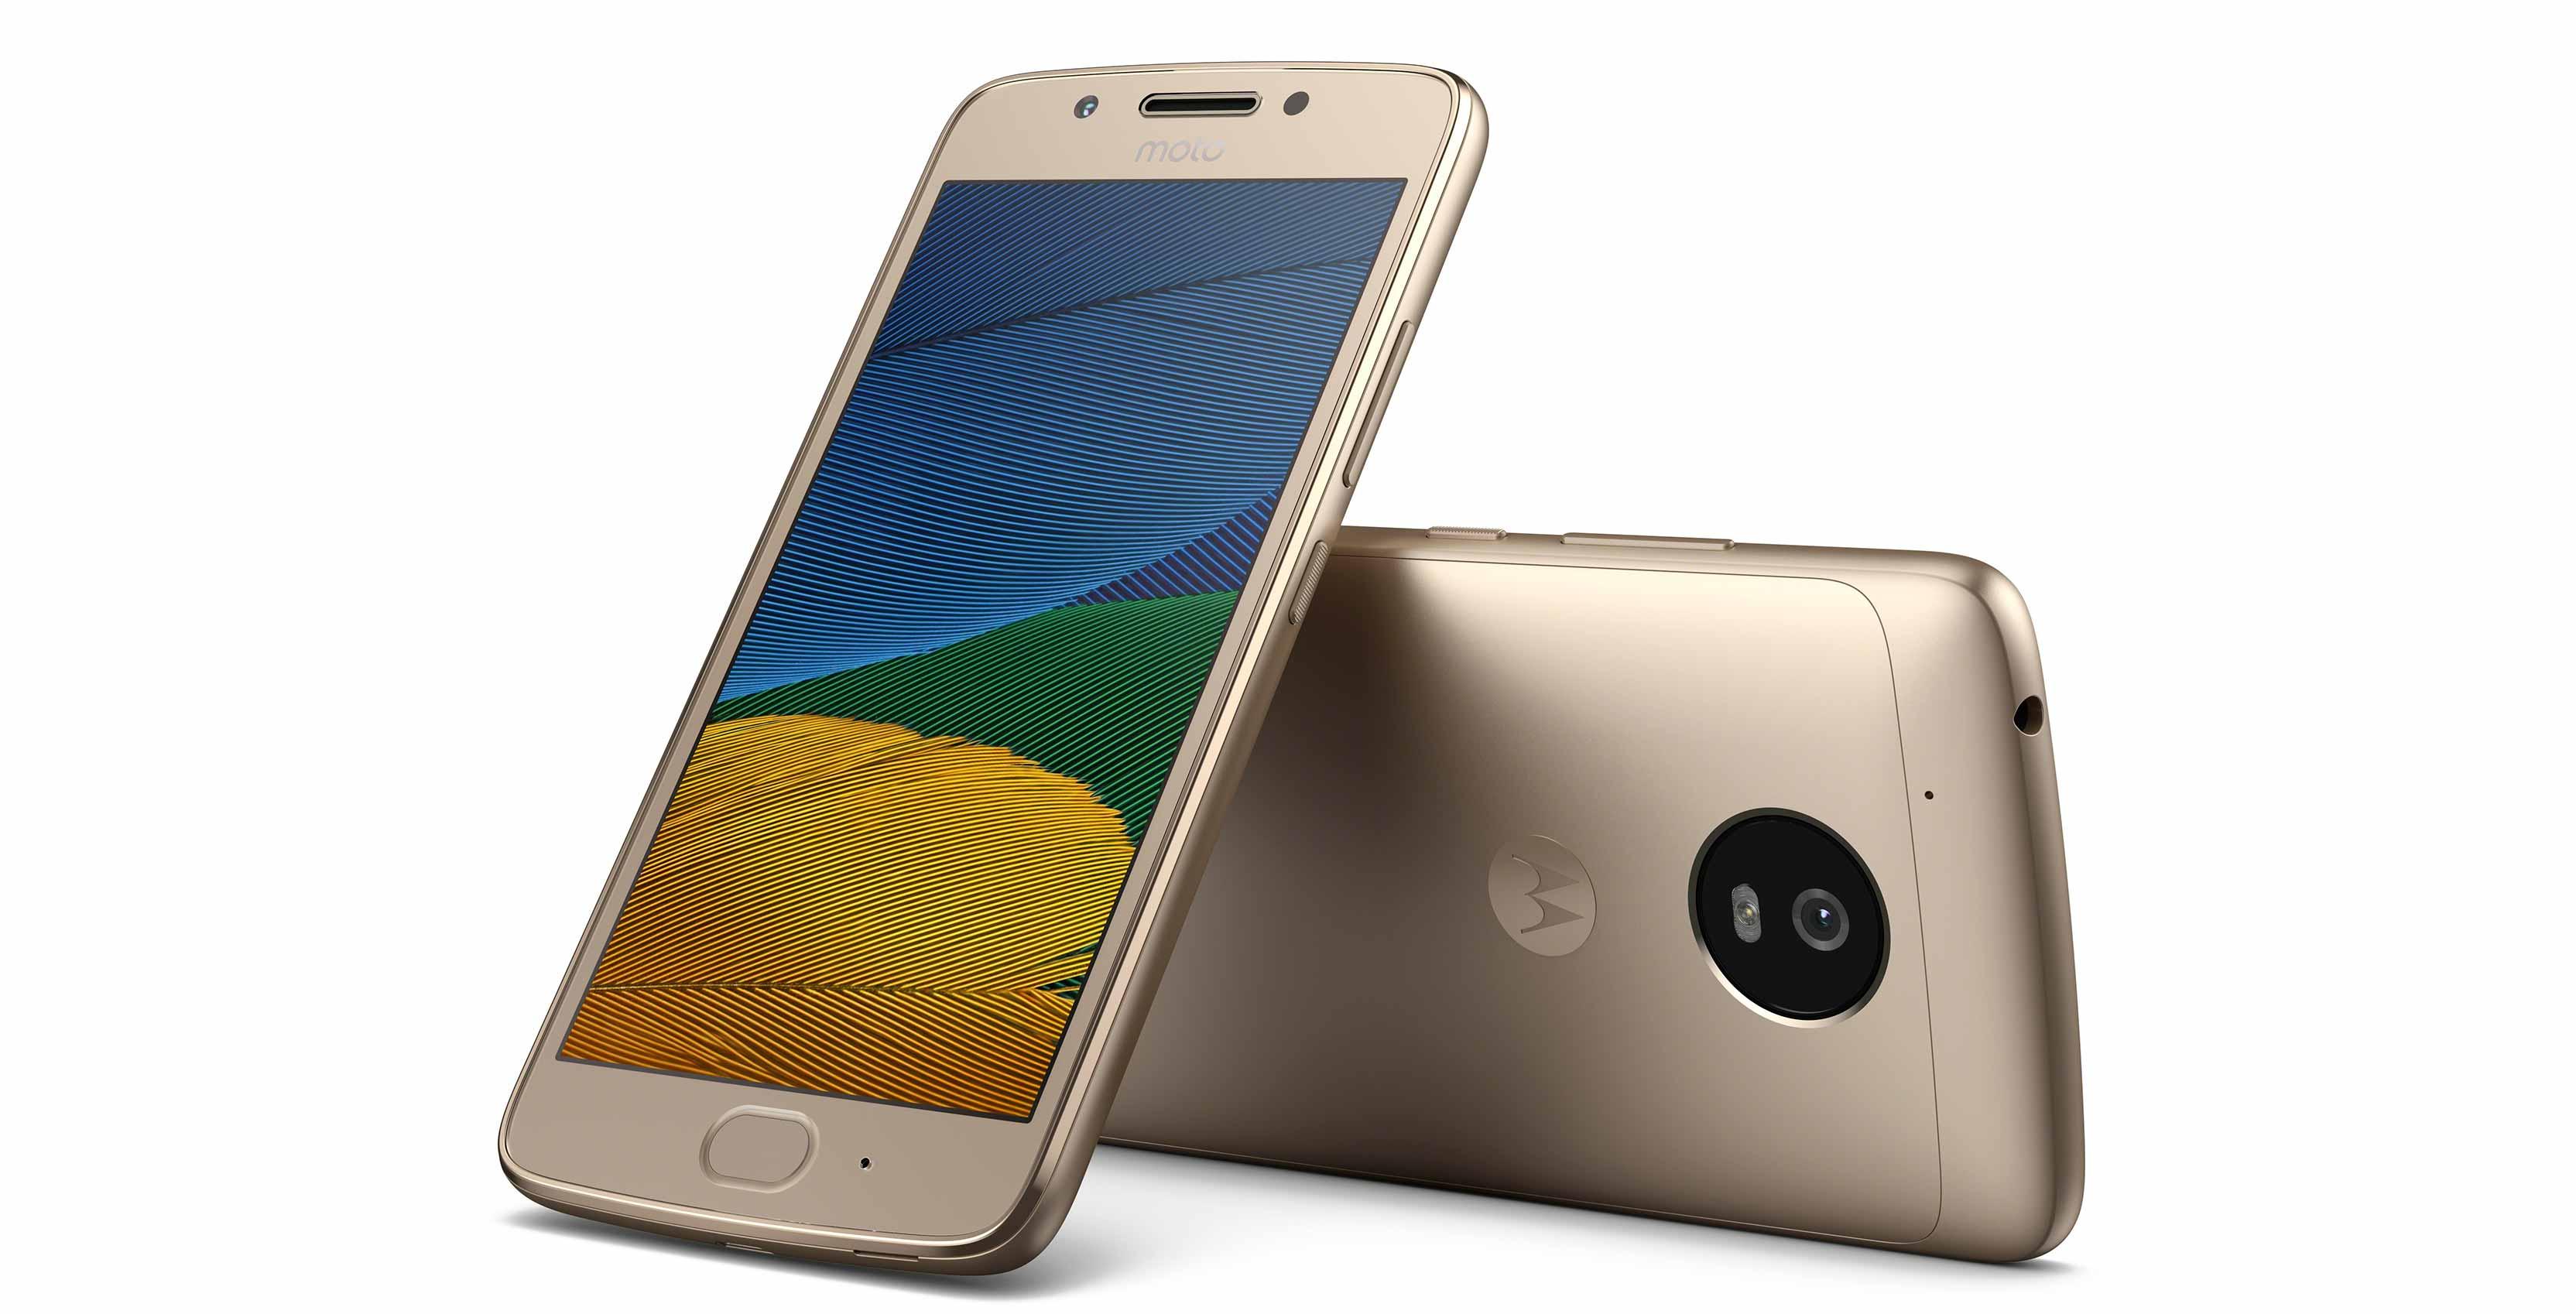 Lenovo tutvustas Moto G5 ja Moto G5 Plus nutitelefone